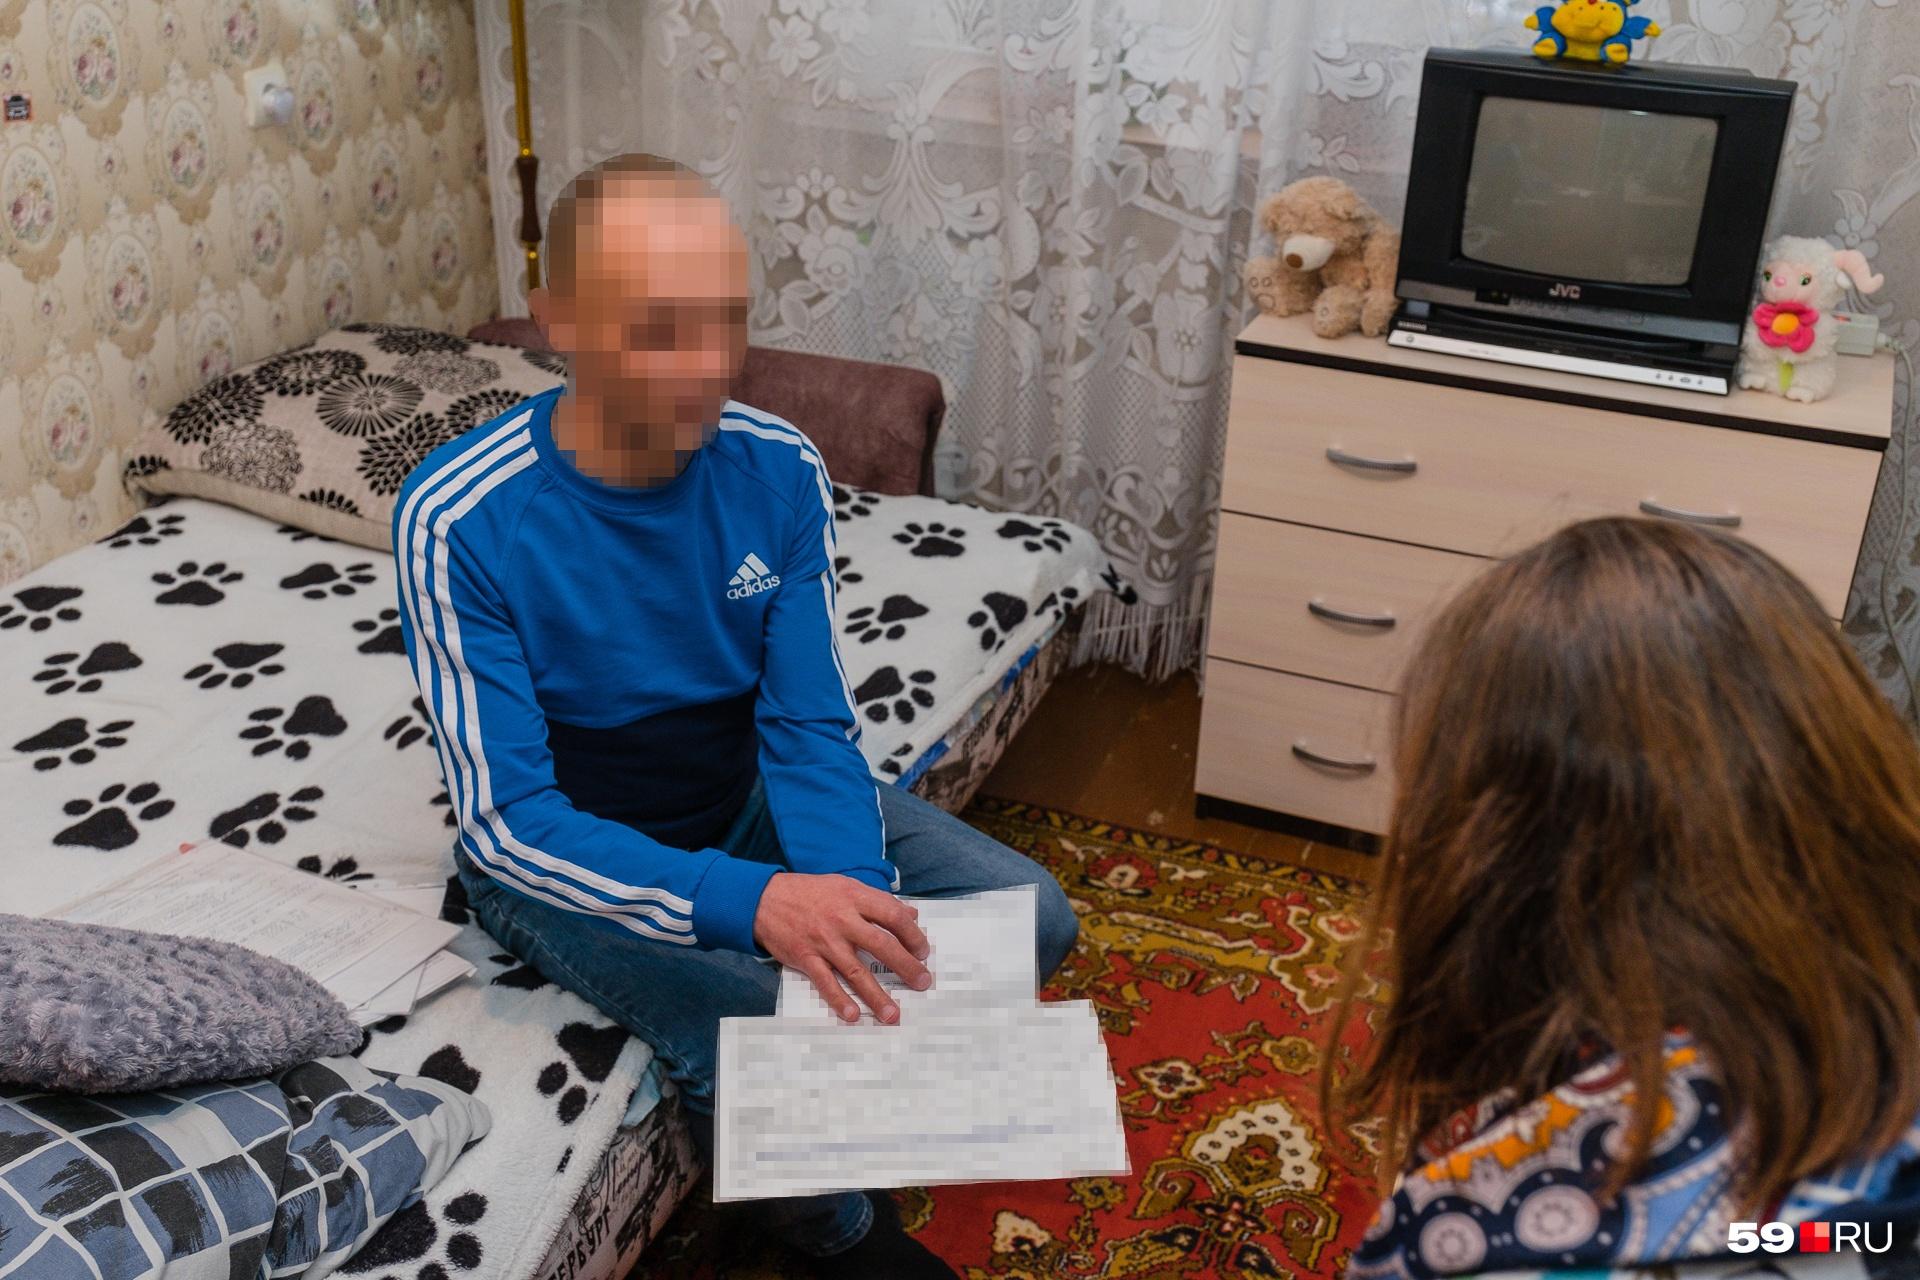 У Ивана есть результат анализа на мокроту, где сказано, что туберкулеза у него нет. Но фтизиатры говорят, что это ничего не доказывает